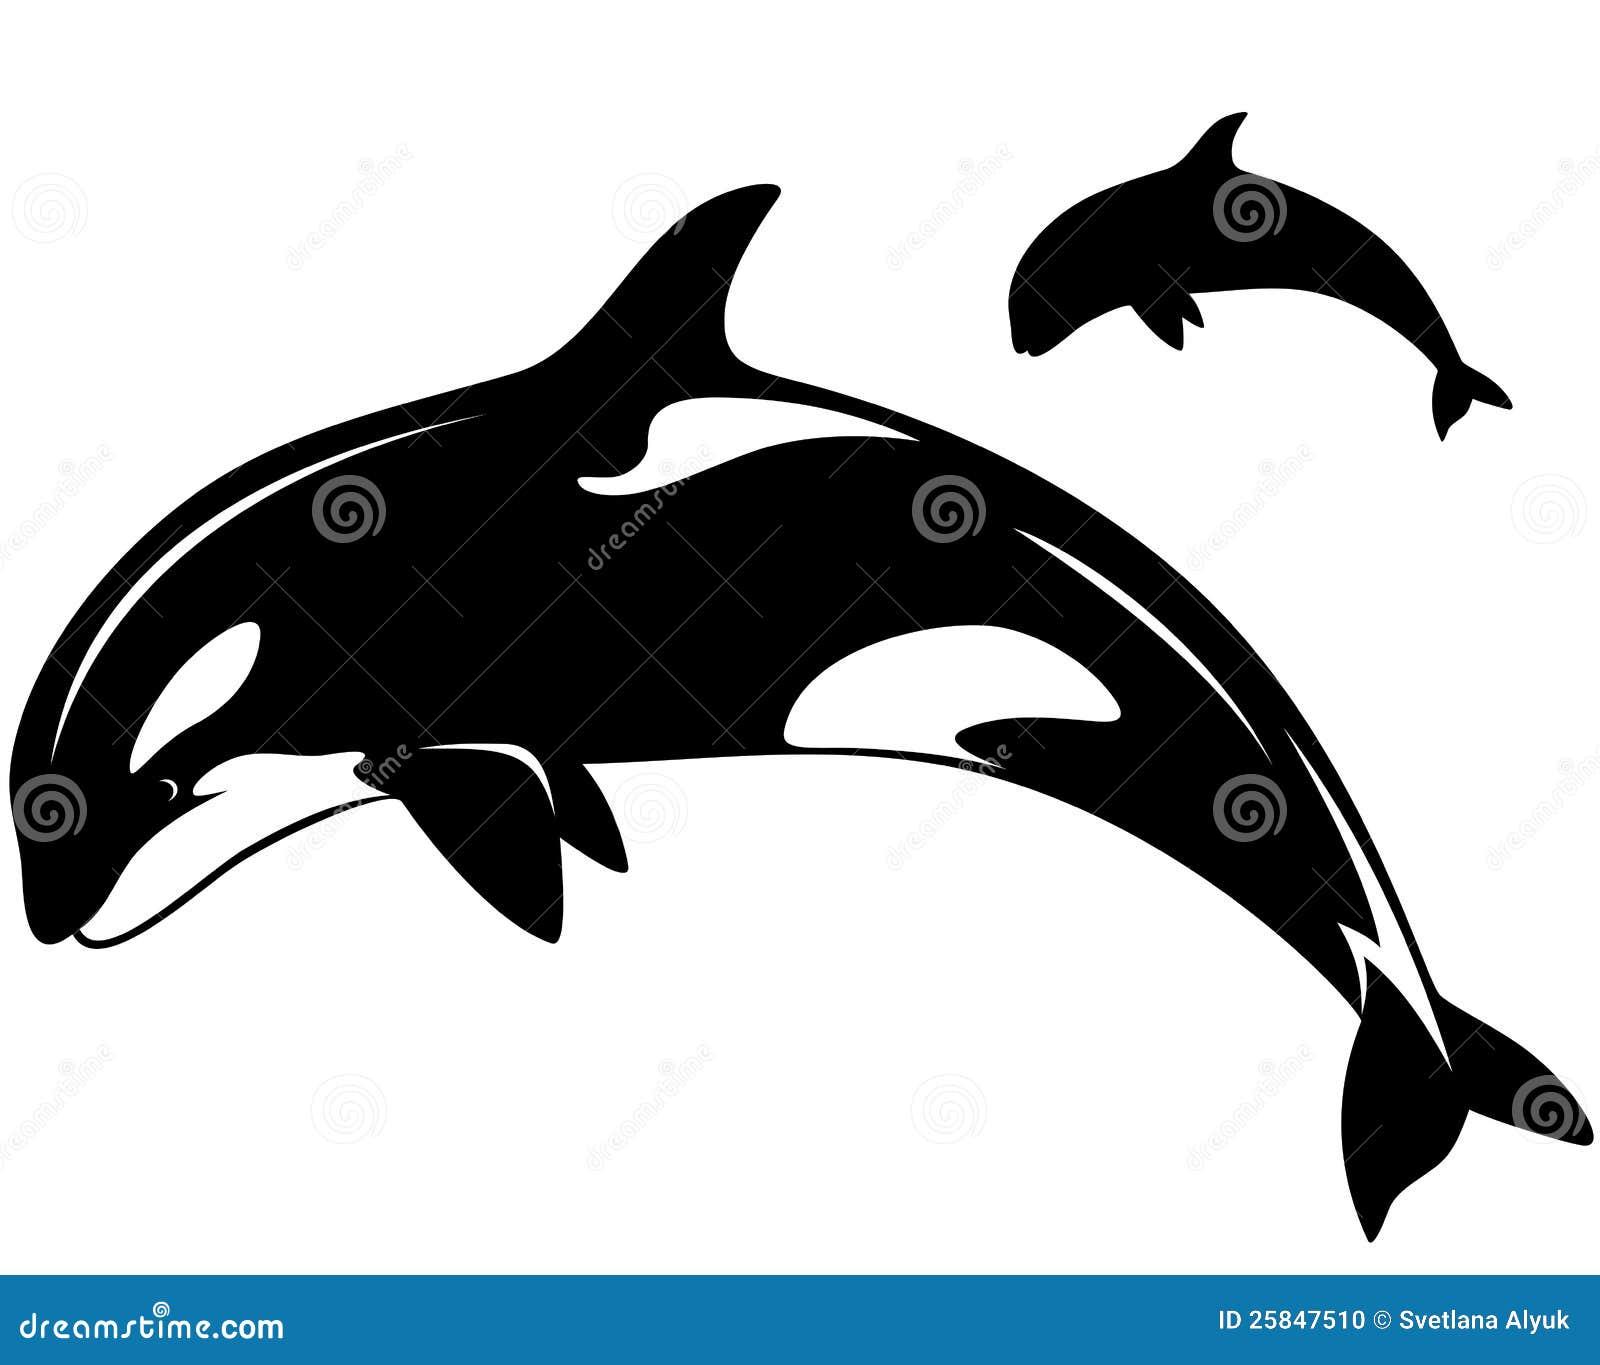 虎鲸 向量例证 插画 包括有 例证 设计 哺乳动物 凶手 敌意 夹子 海运 抽象 和平